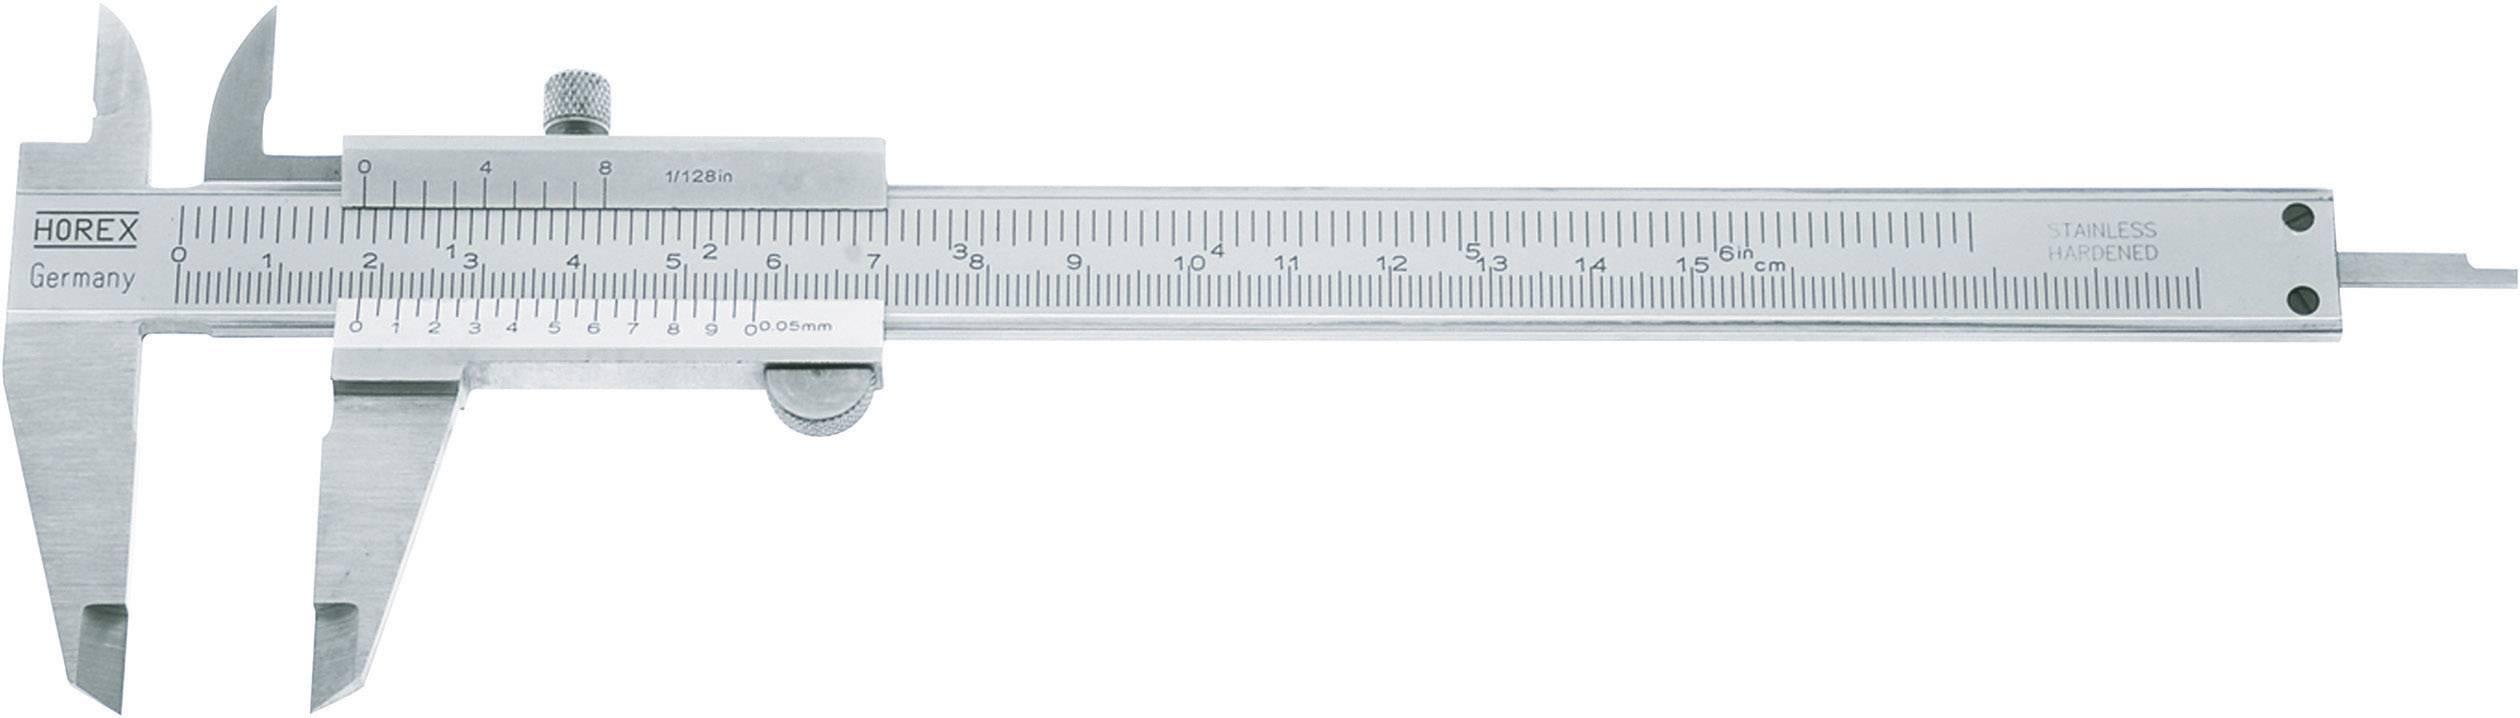 Kapesní posuvné měřítko Horex 2226516, měřicí rozsah 150 mm, Kalibrováno dle bez certifikátu